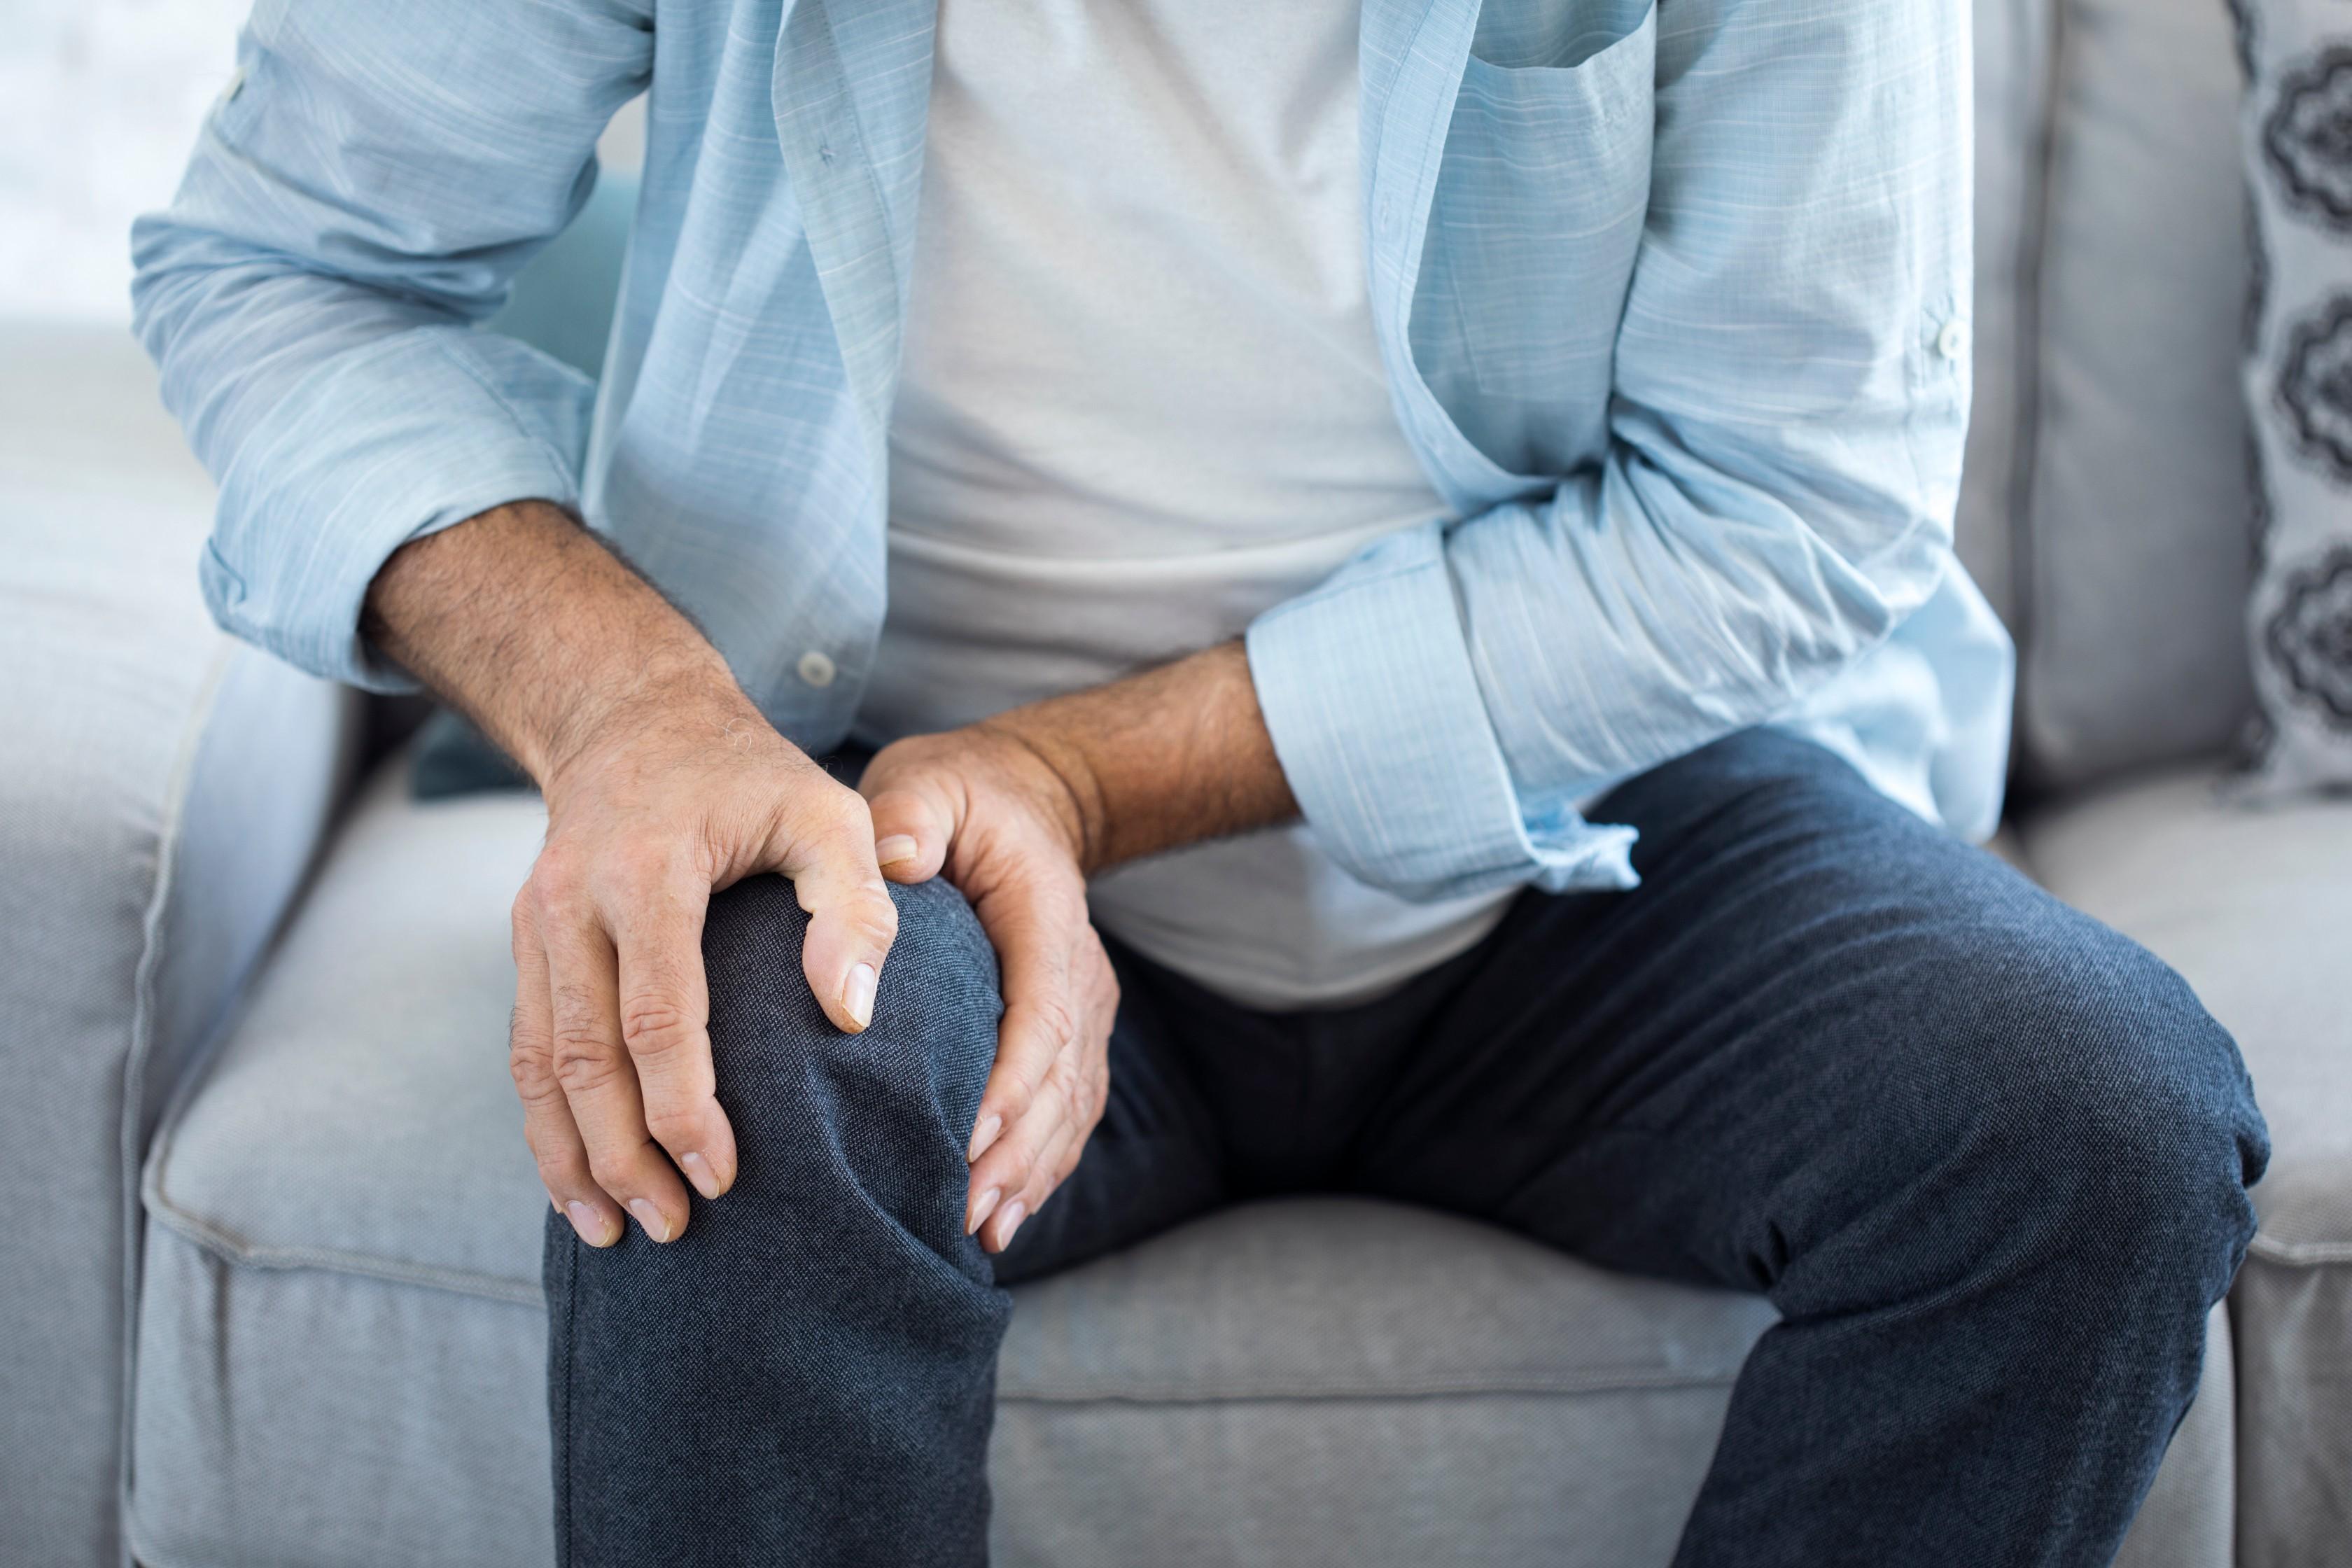 ízületi fájdalom hasi fájdalommal fájdalom a csípőízületekben vontatás után